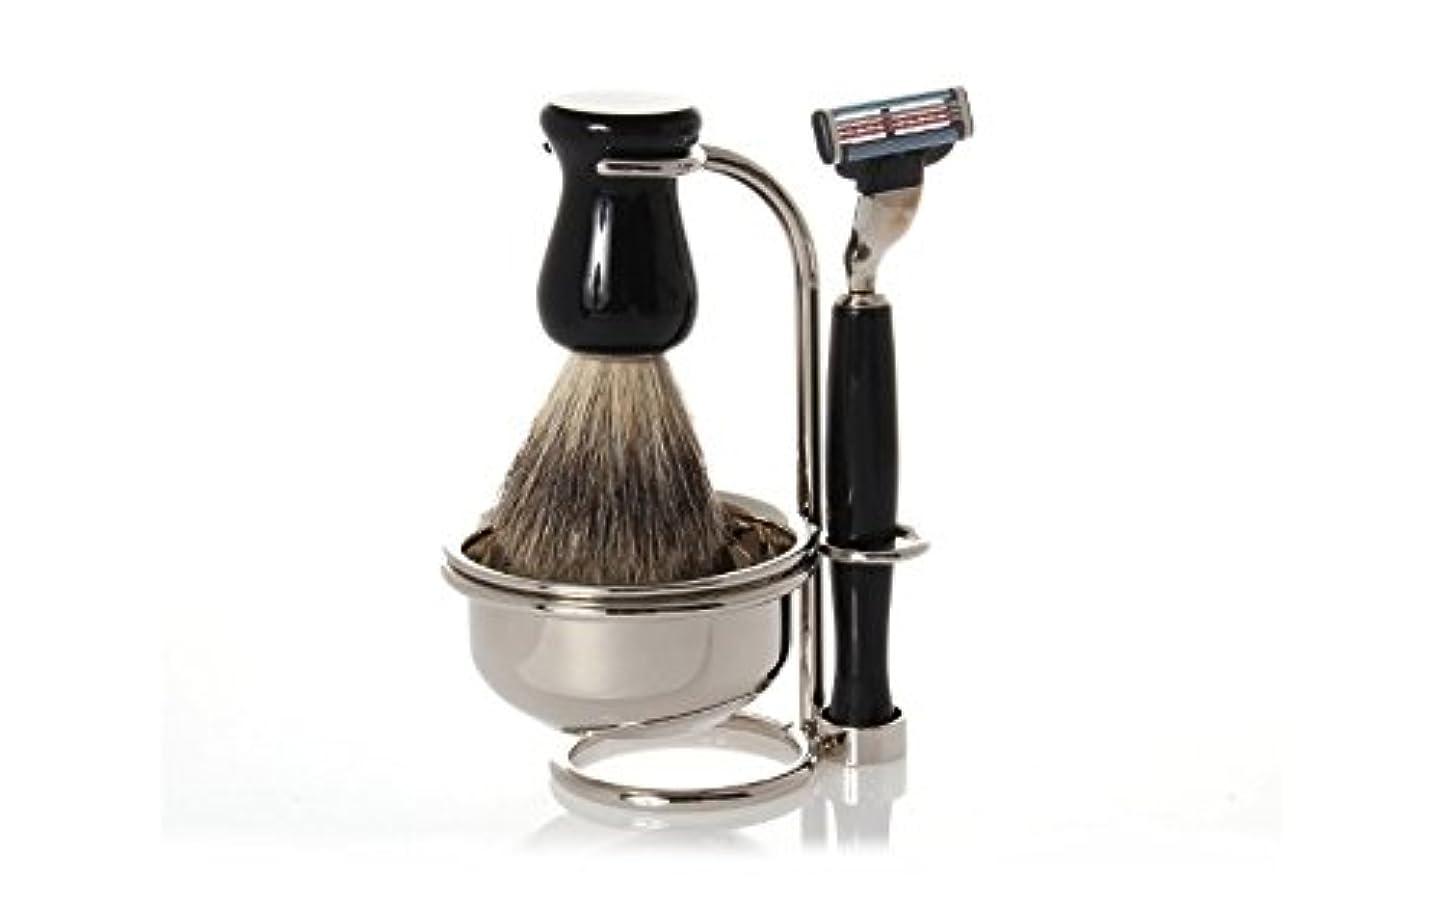 更新日常的に解釈的Erbe Shaving Set, Gillette Mach3 Razor, Shaving Brush, Soap Bowl, Stand, black